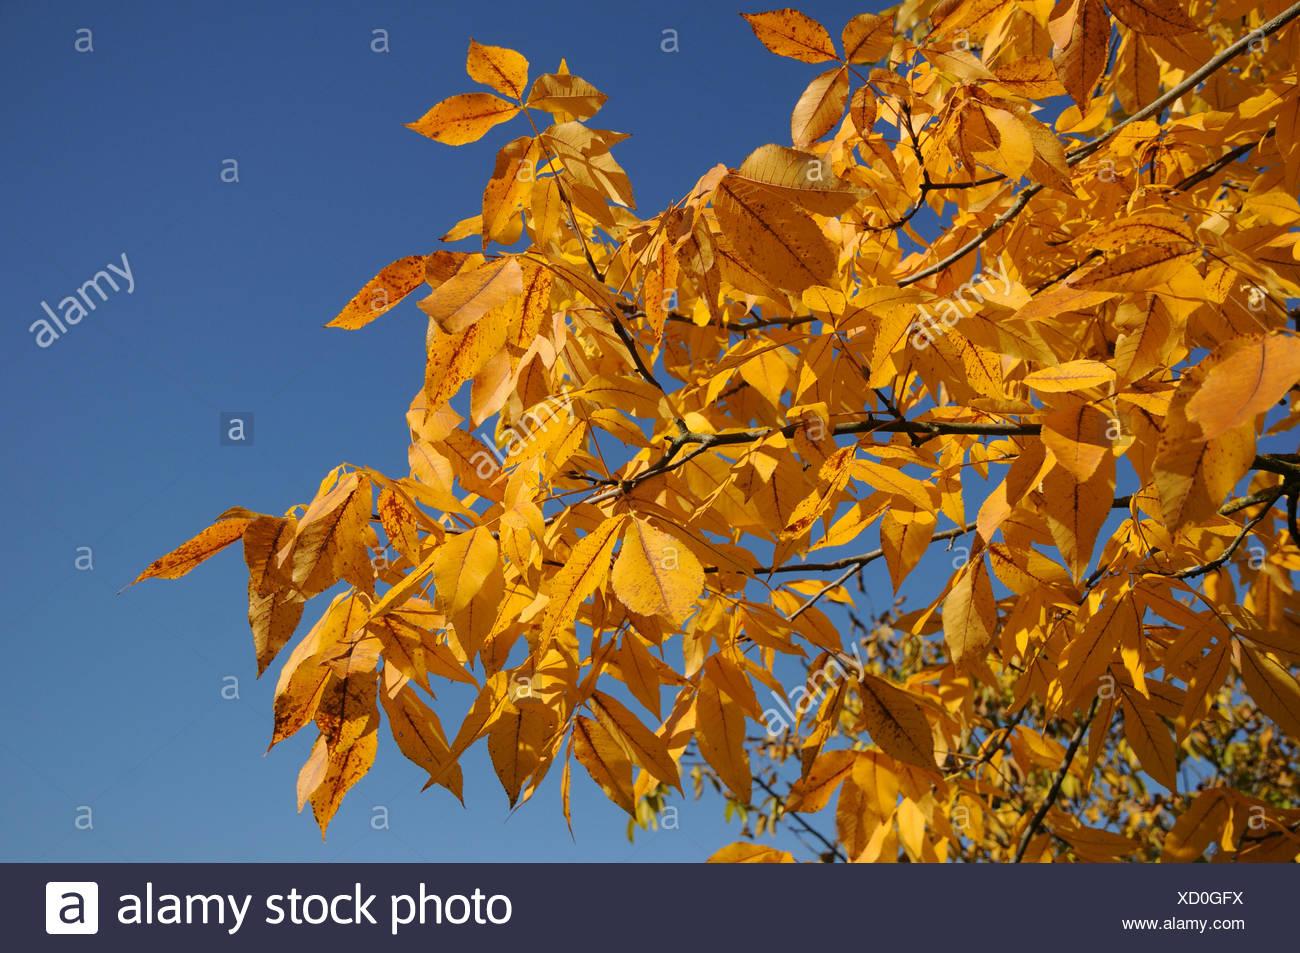 Shagbark hickory - Stock Image